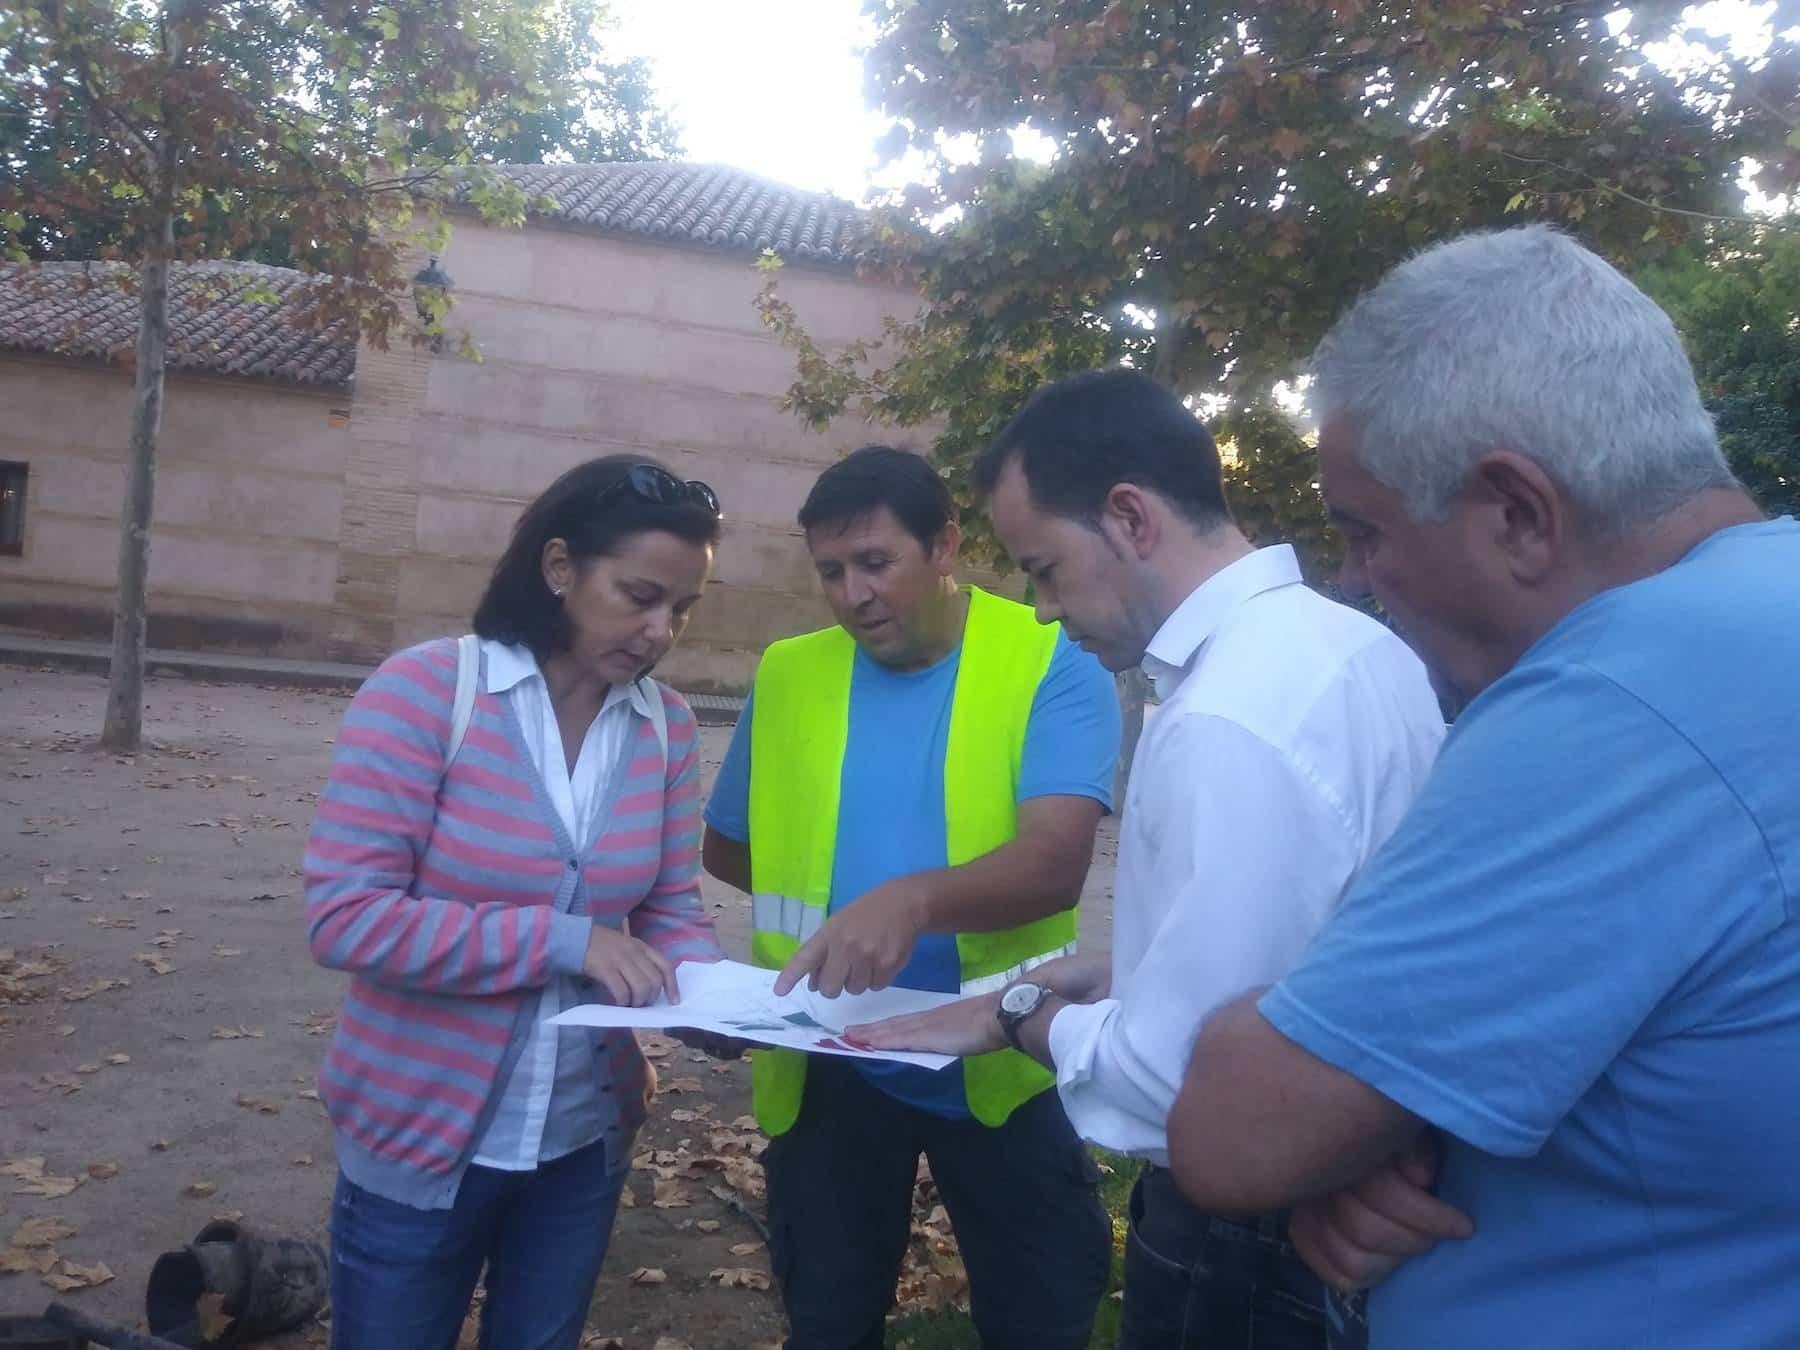 telegestion riego herencia 3 - La telegestión de riego de Herencia permitirá ahorrar el 30% del consumo de agua